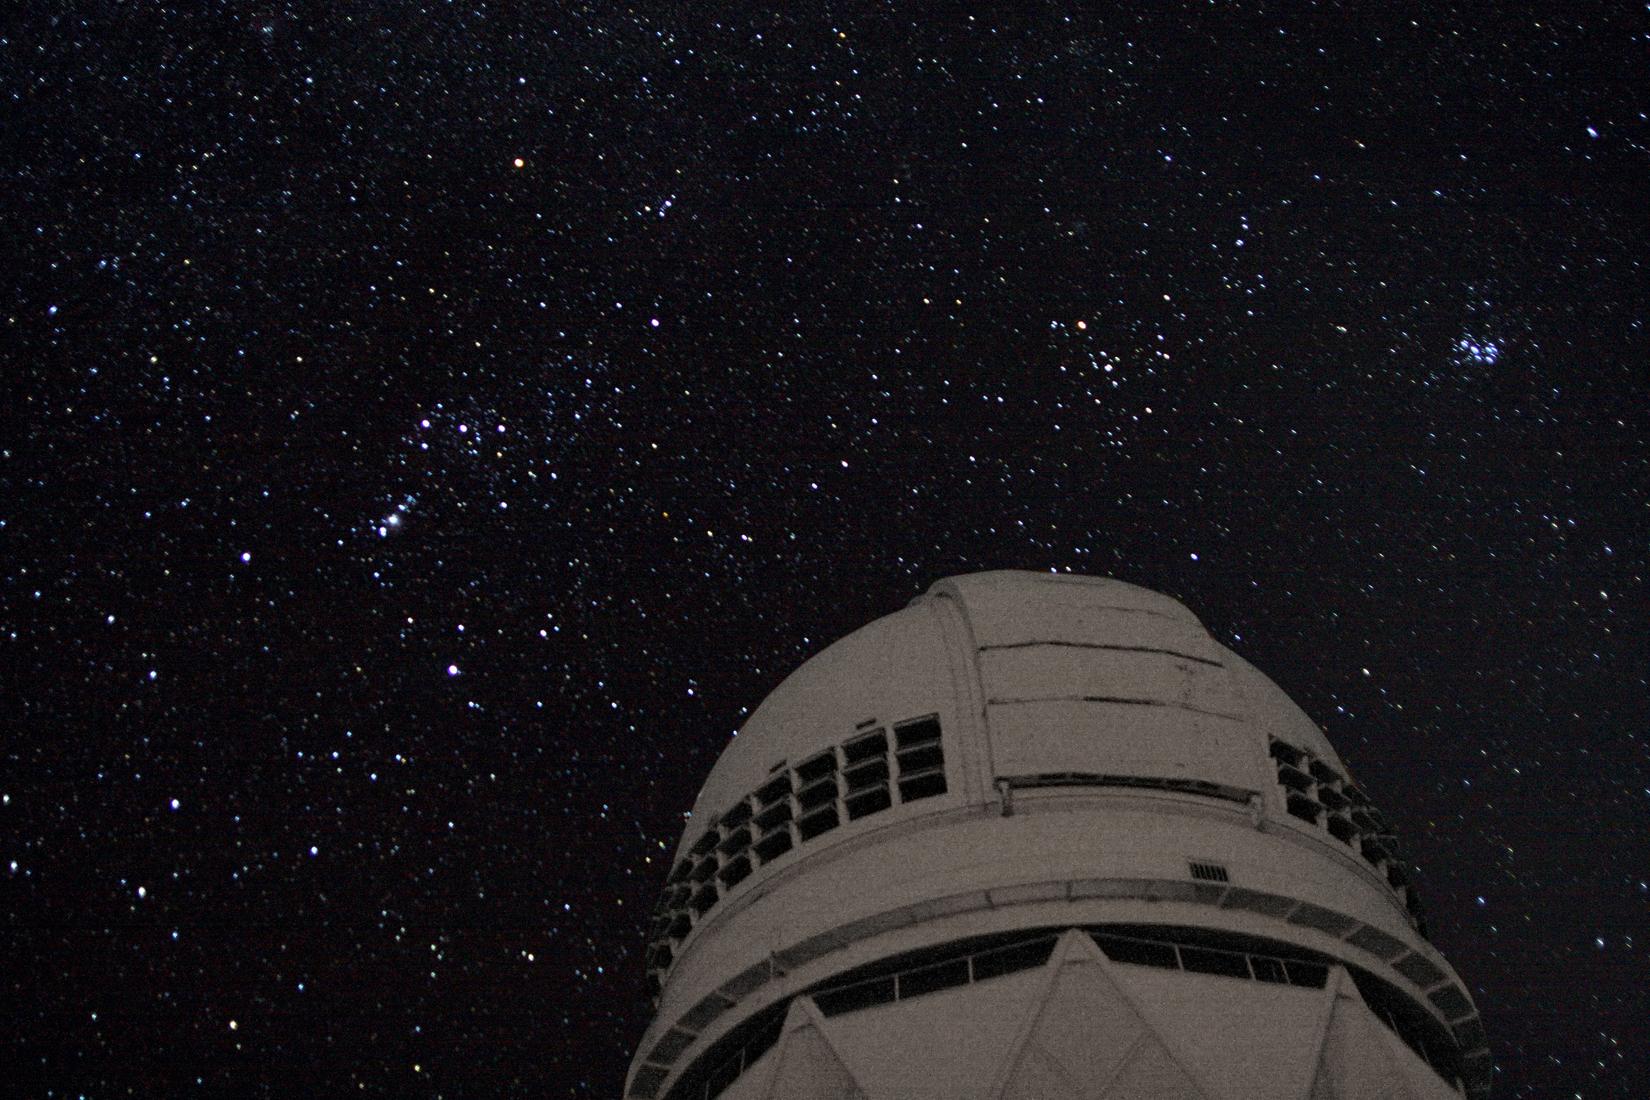 La constellation d'Orion vue au-dessus du télescope Mayall de 4 mètres sur Kitt Peak, dans le sud de l'Arizona.